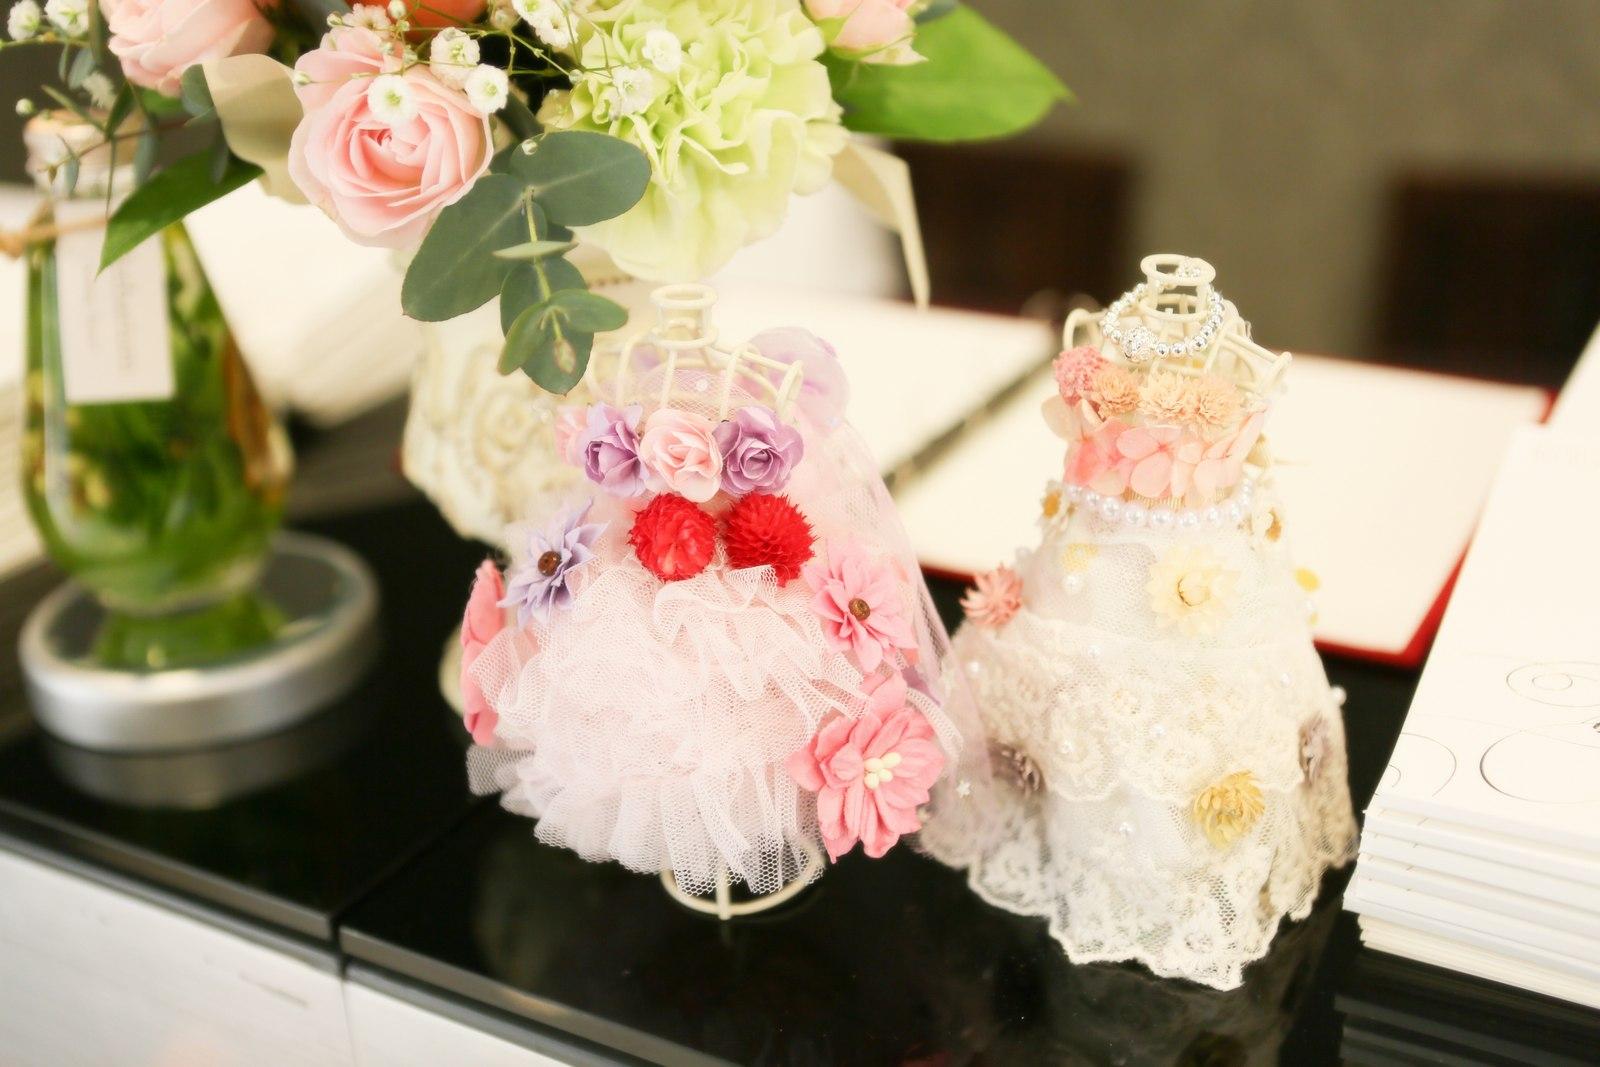 徳島市の結婚式場ブランアンジュで待合に飾ったアイテム